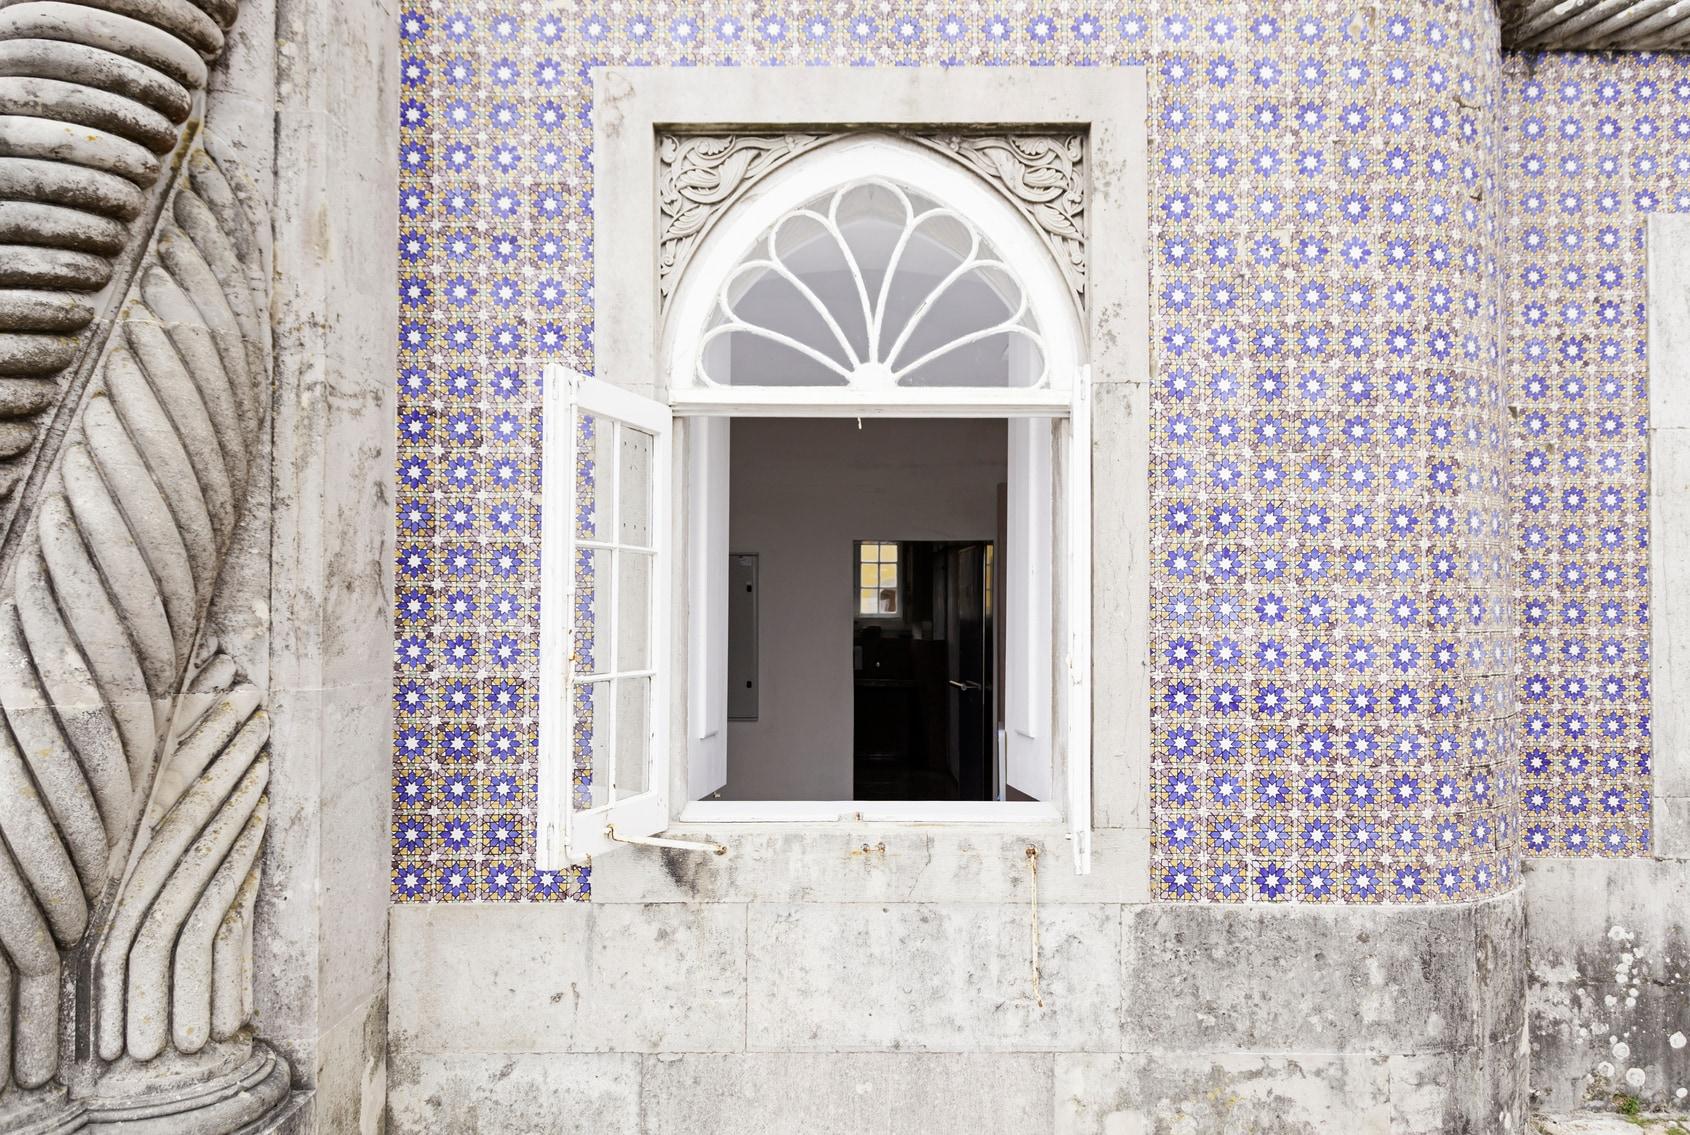 Un caratteristico muro decorato nel quartiere di Arroios, Lisbona